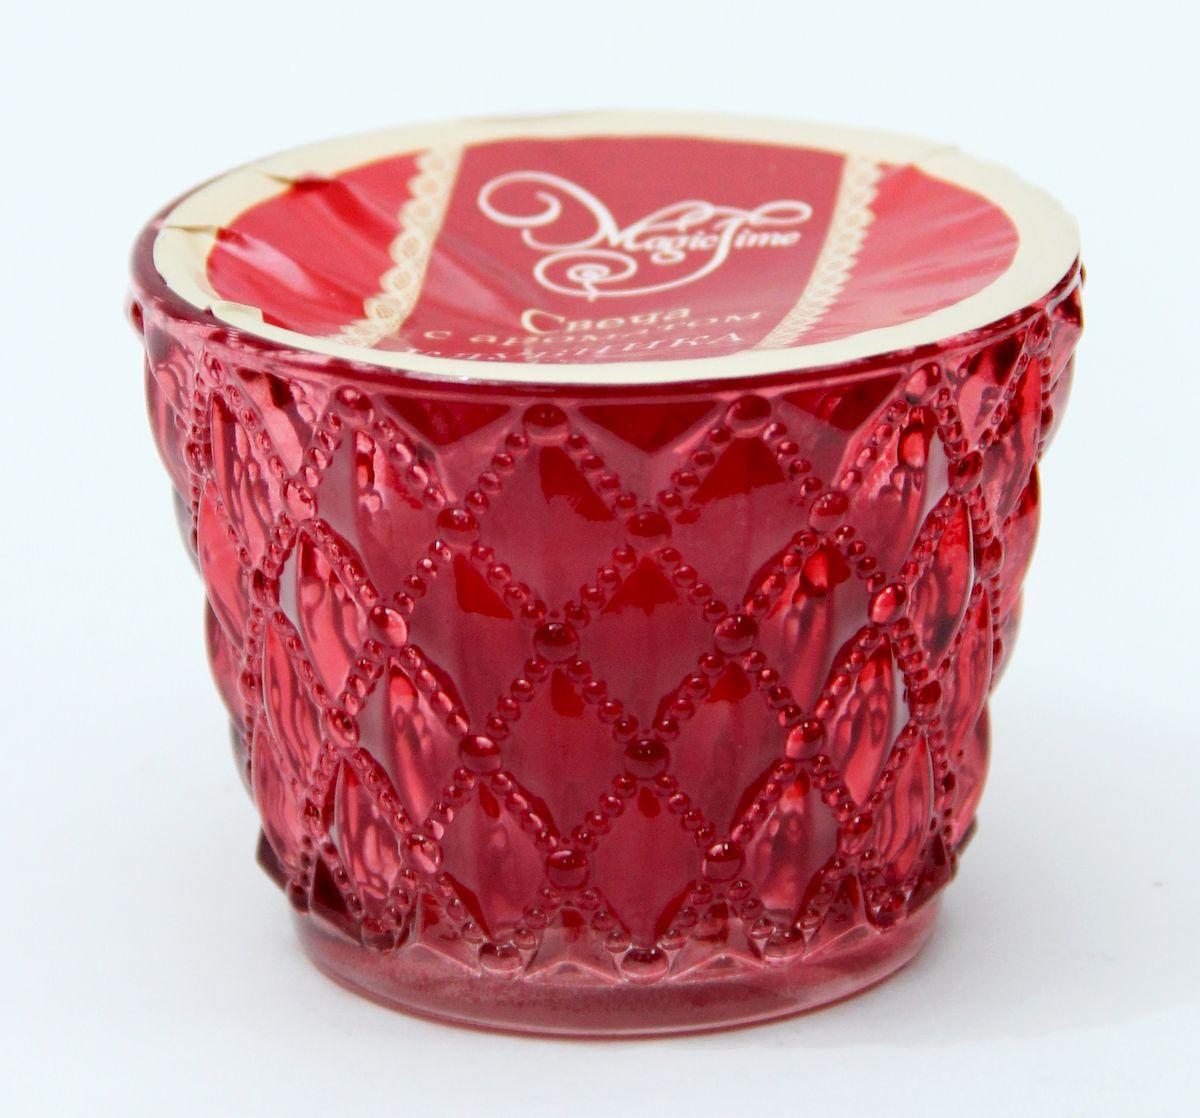 Декоративная ароматизированная парафиновая свеча Magic Home. 4122441224Оригинальная свеча, с тонким, нежным ароматом, добавит немного романтики и уюта в вашем доме. Такая свеча может стать прекрасным подарком на любой случай.